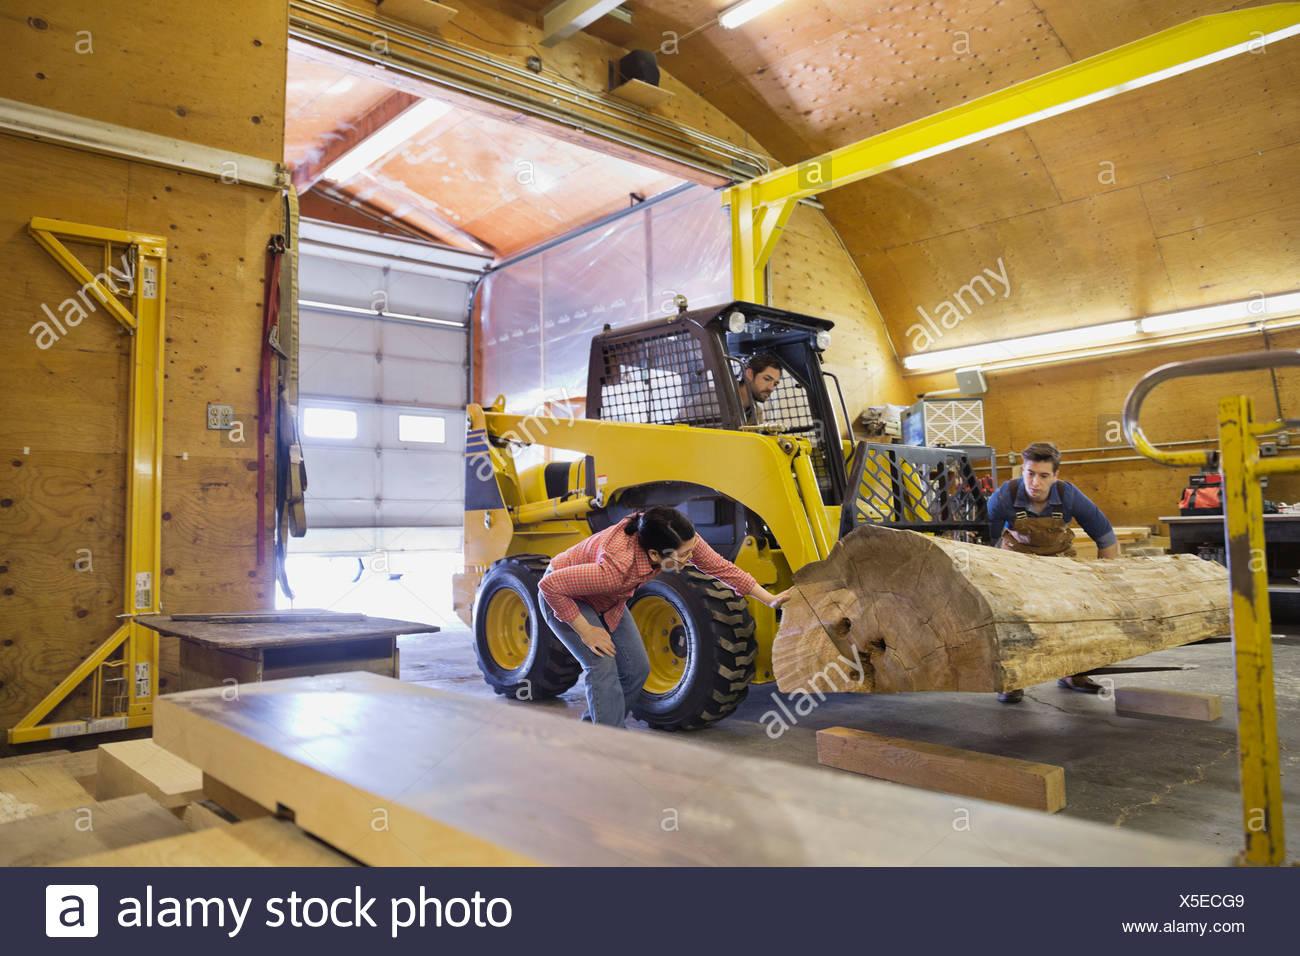 Falegnami utilizzando un carrello elevatore per spostare log in officina Immagini Stock